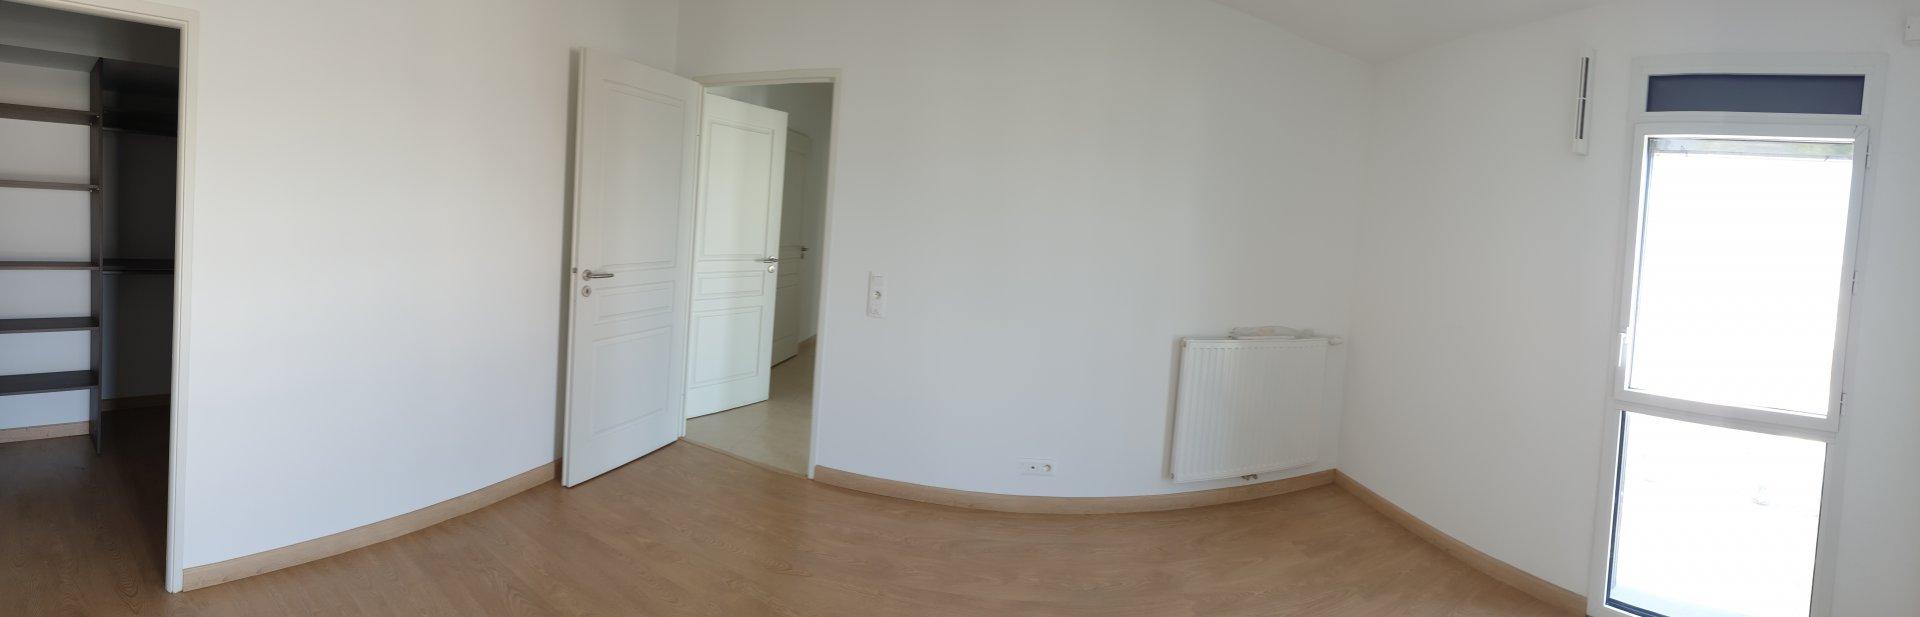 Duplex T3 - Av Prado